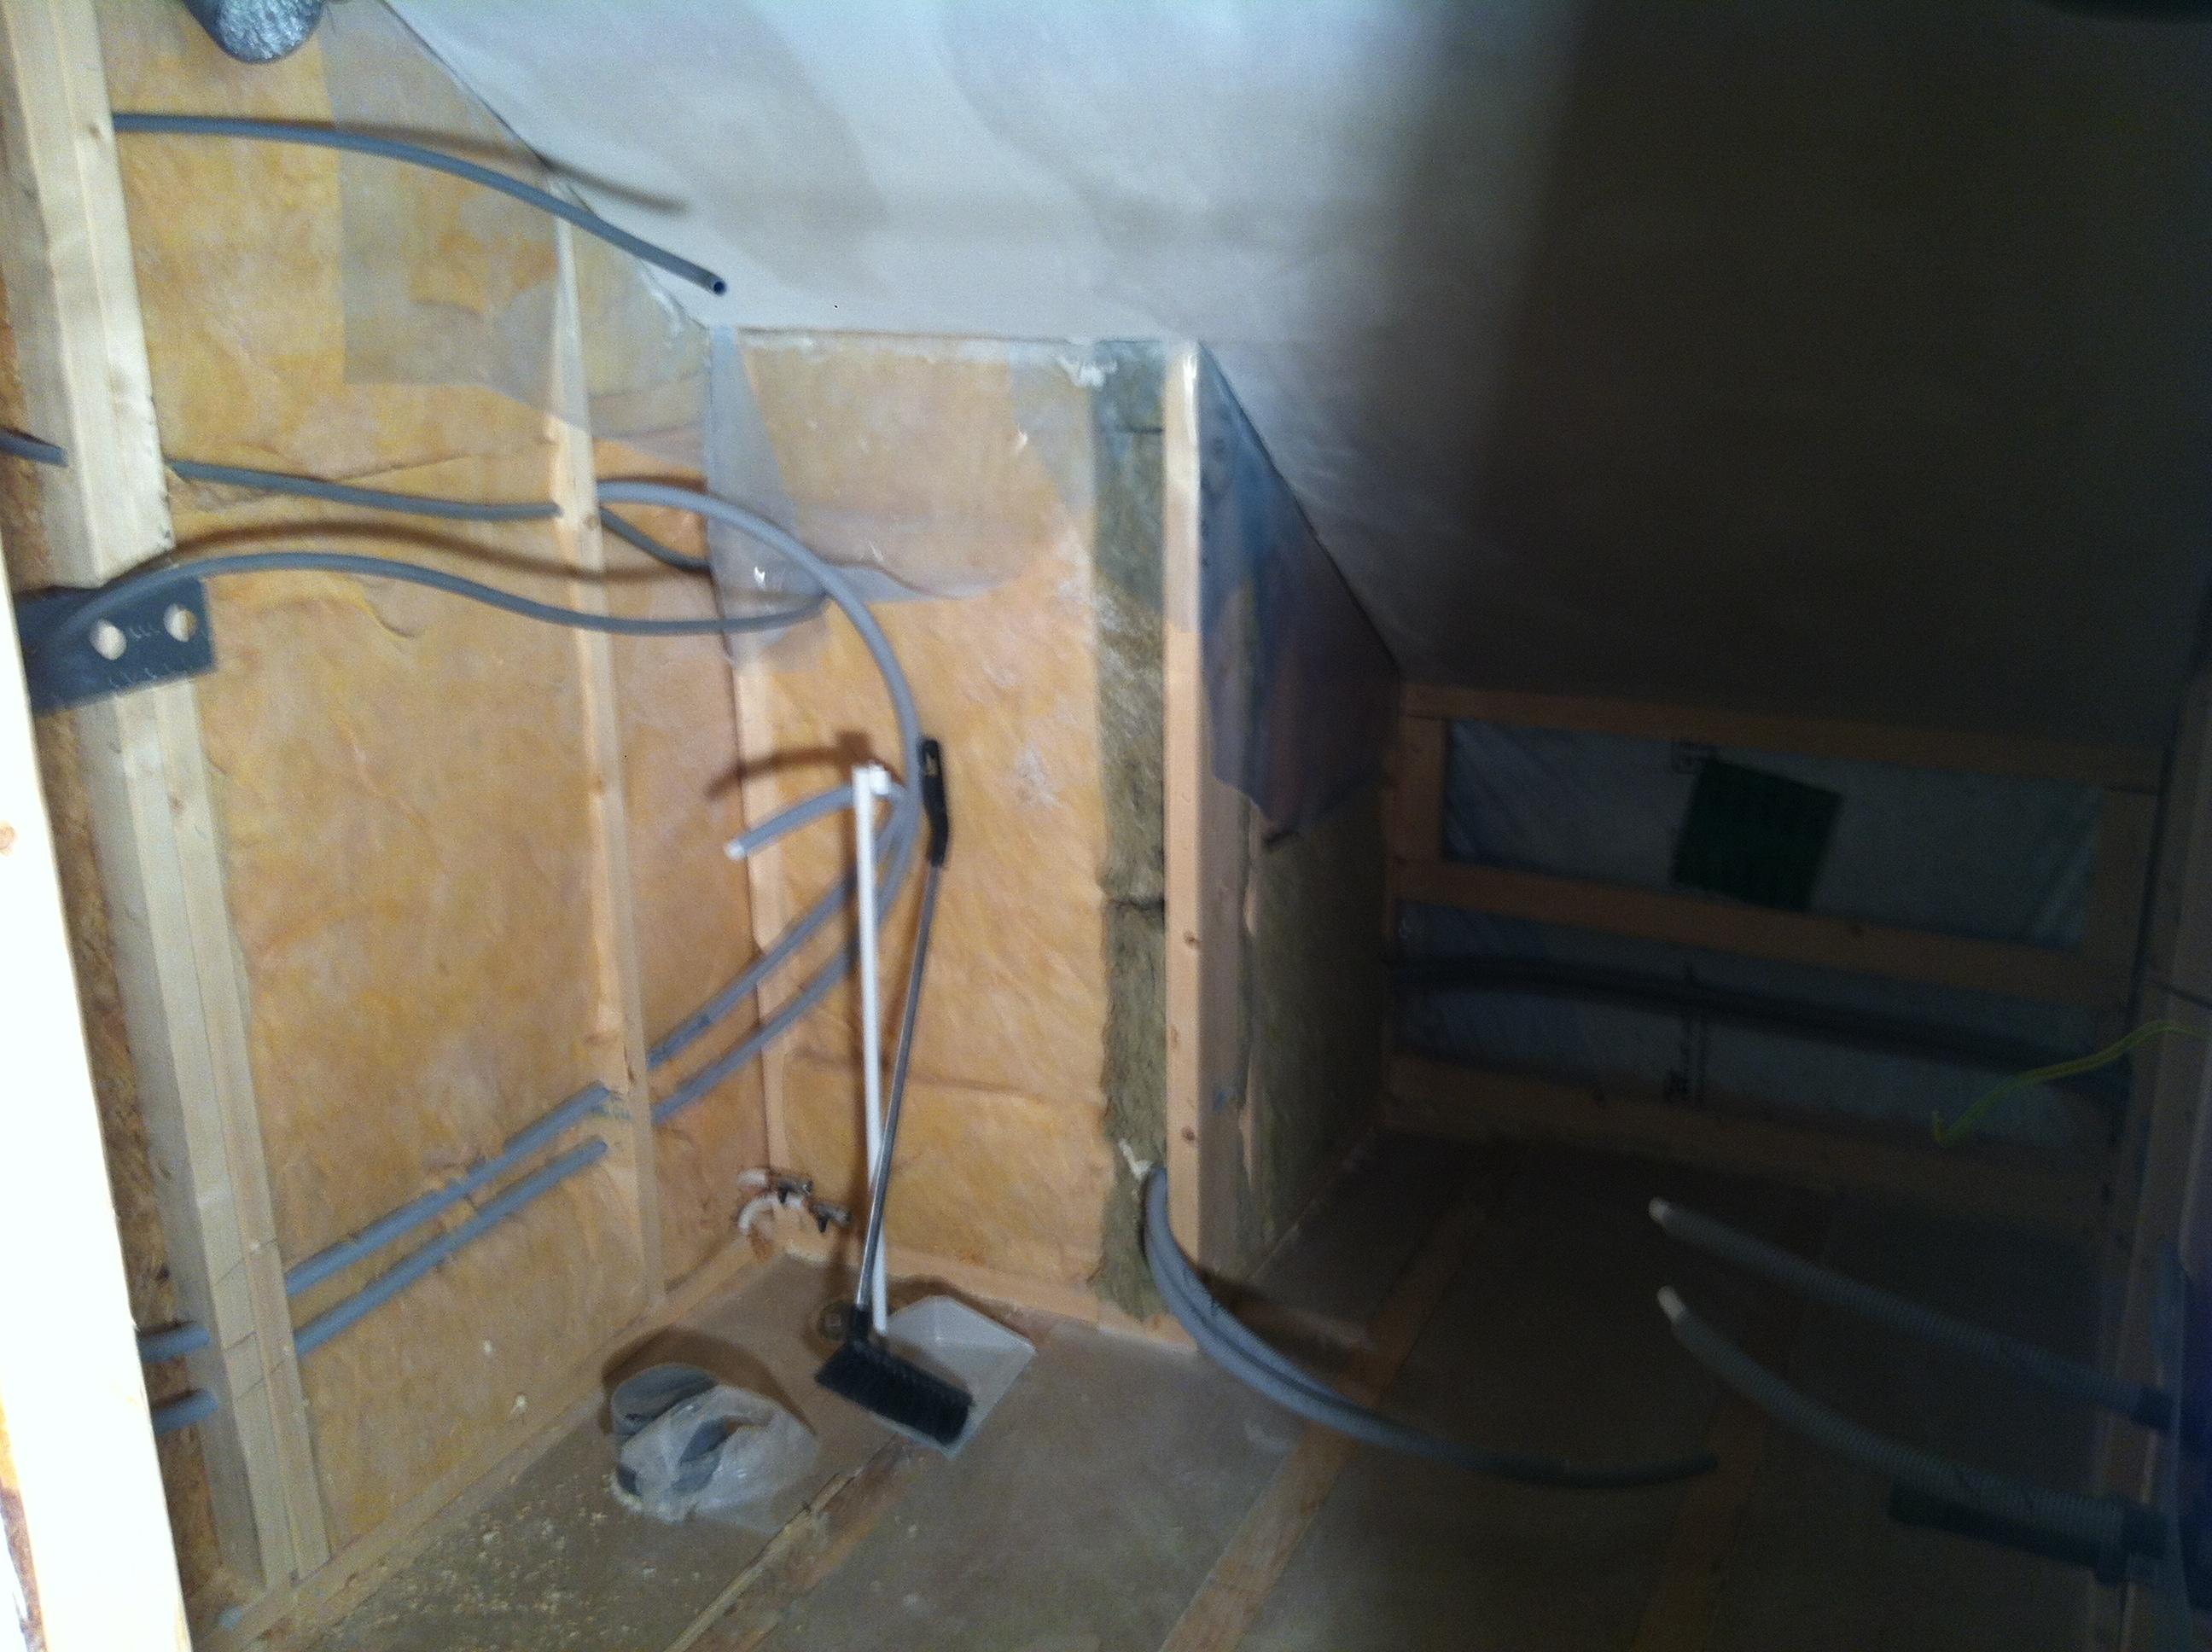 badrum under produktion